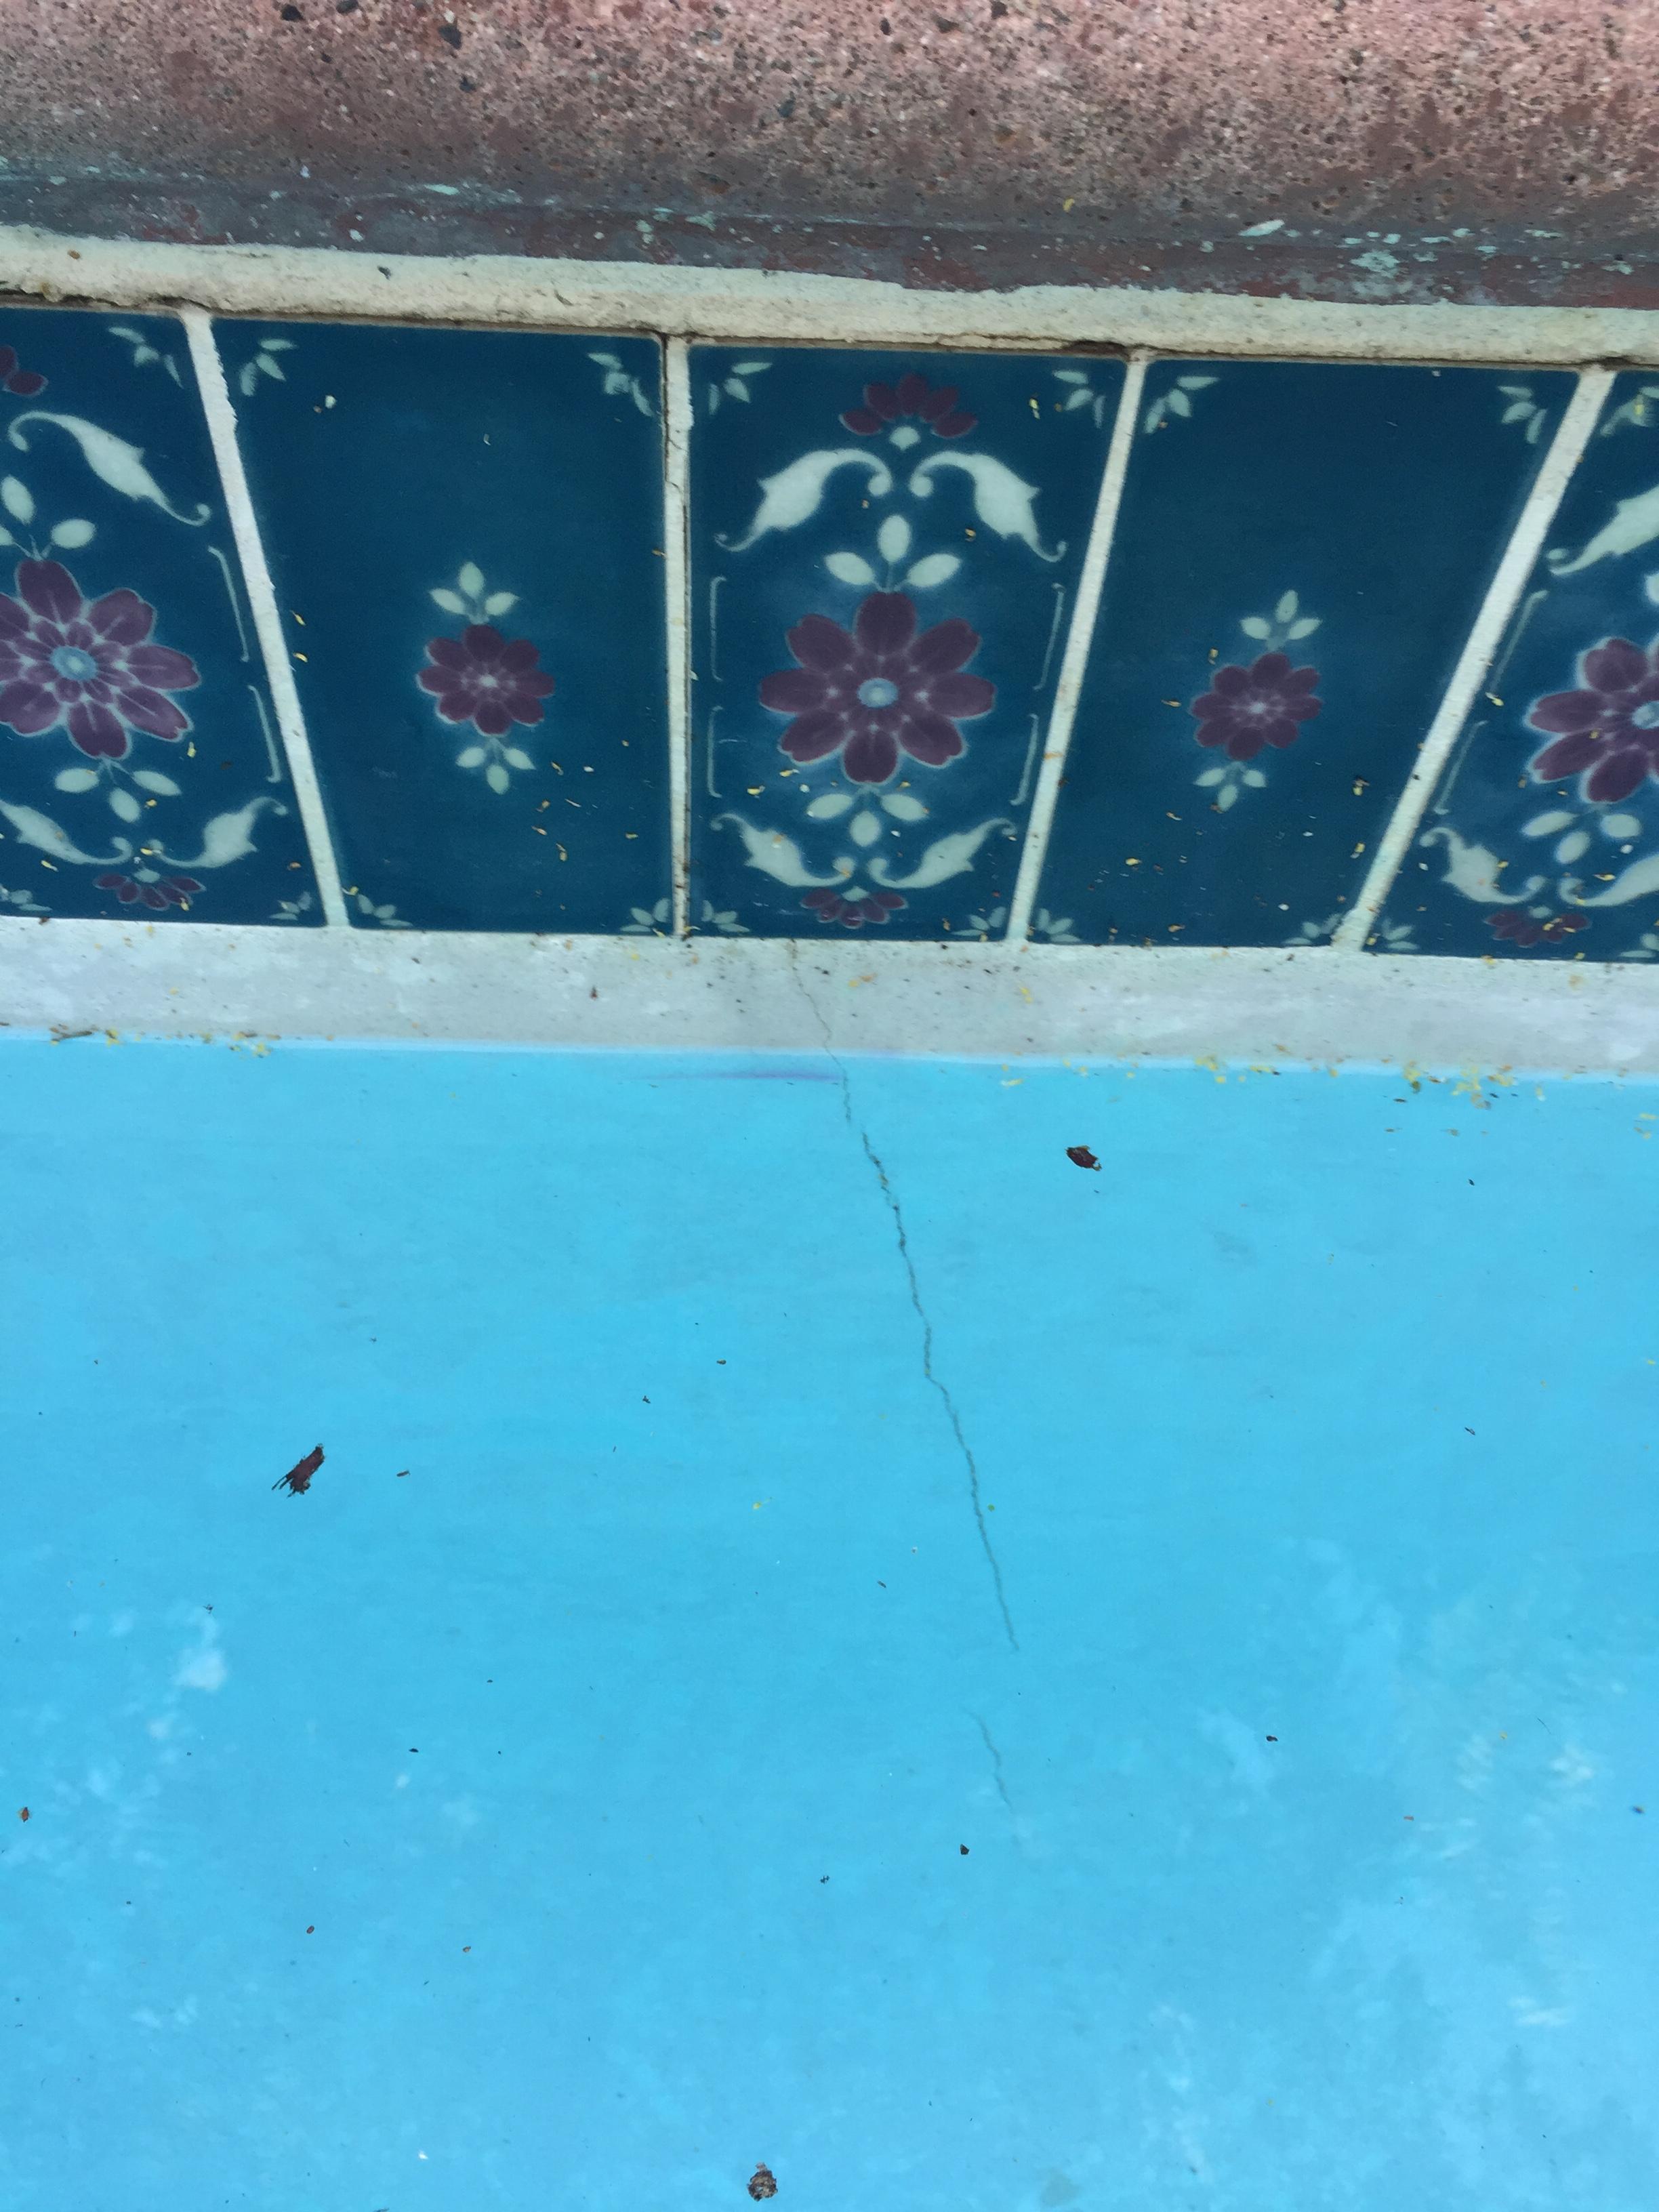 Pool leak detection in northridge - Swimming pool leak detection and repair ...